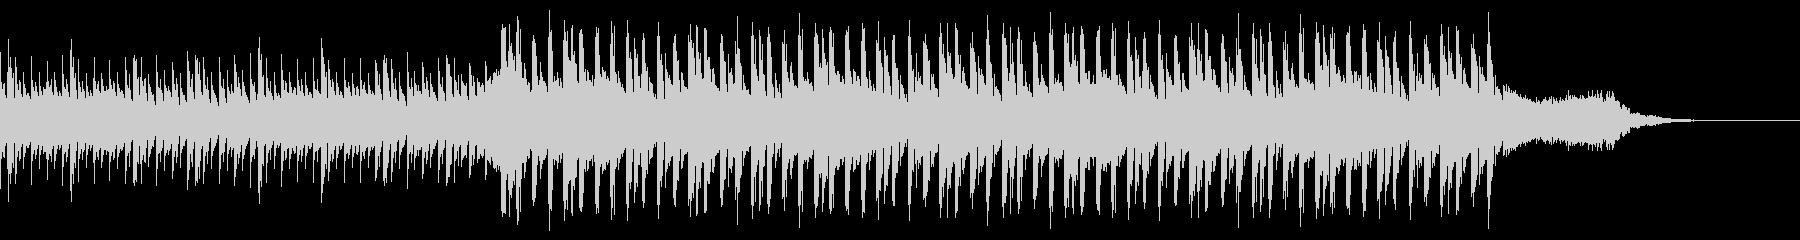 コーポレートテクスチャ―17の未再生の波形